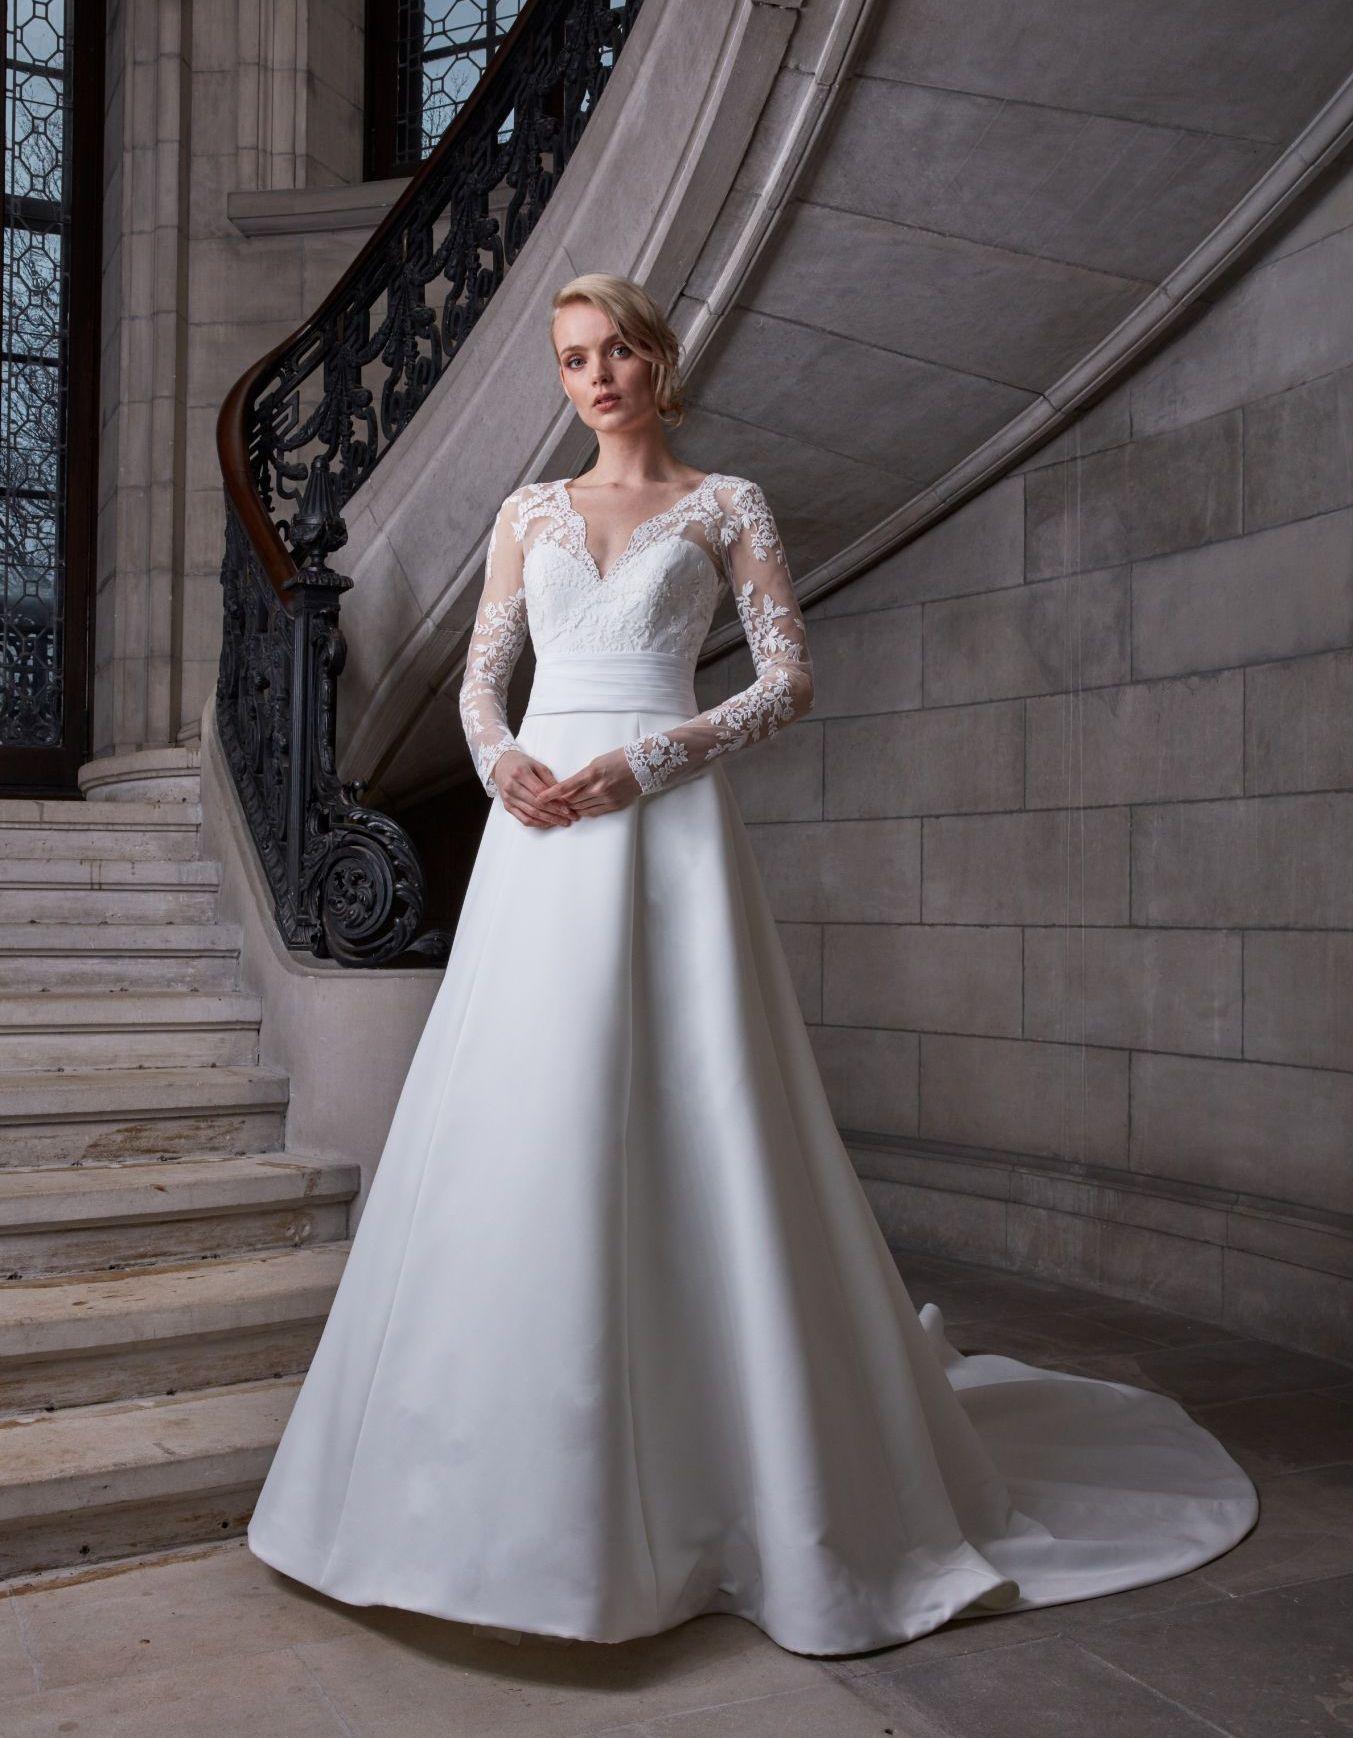 Robe de mariée dentelle manche longue - 3